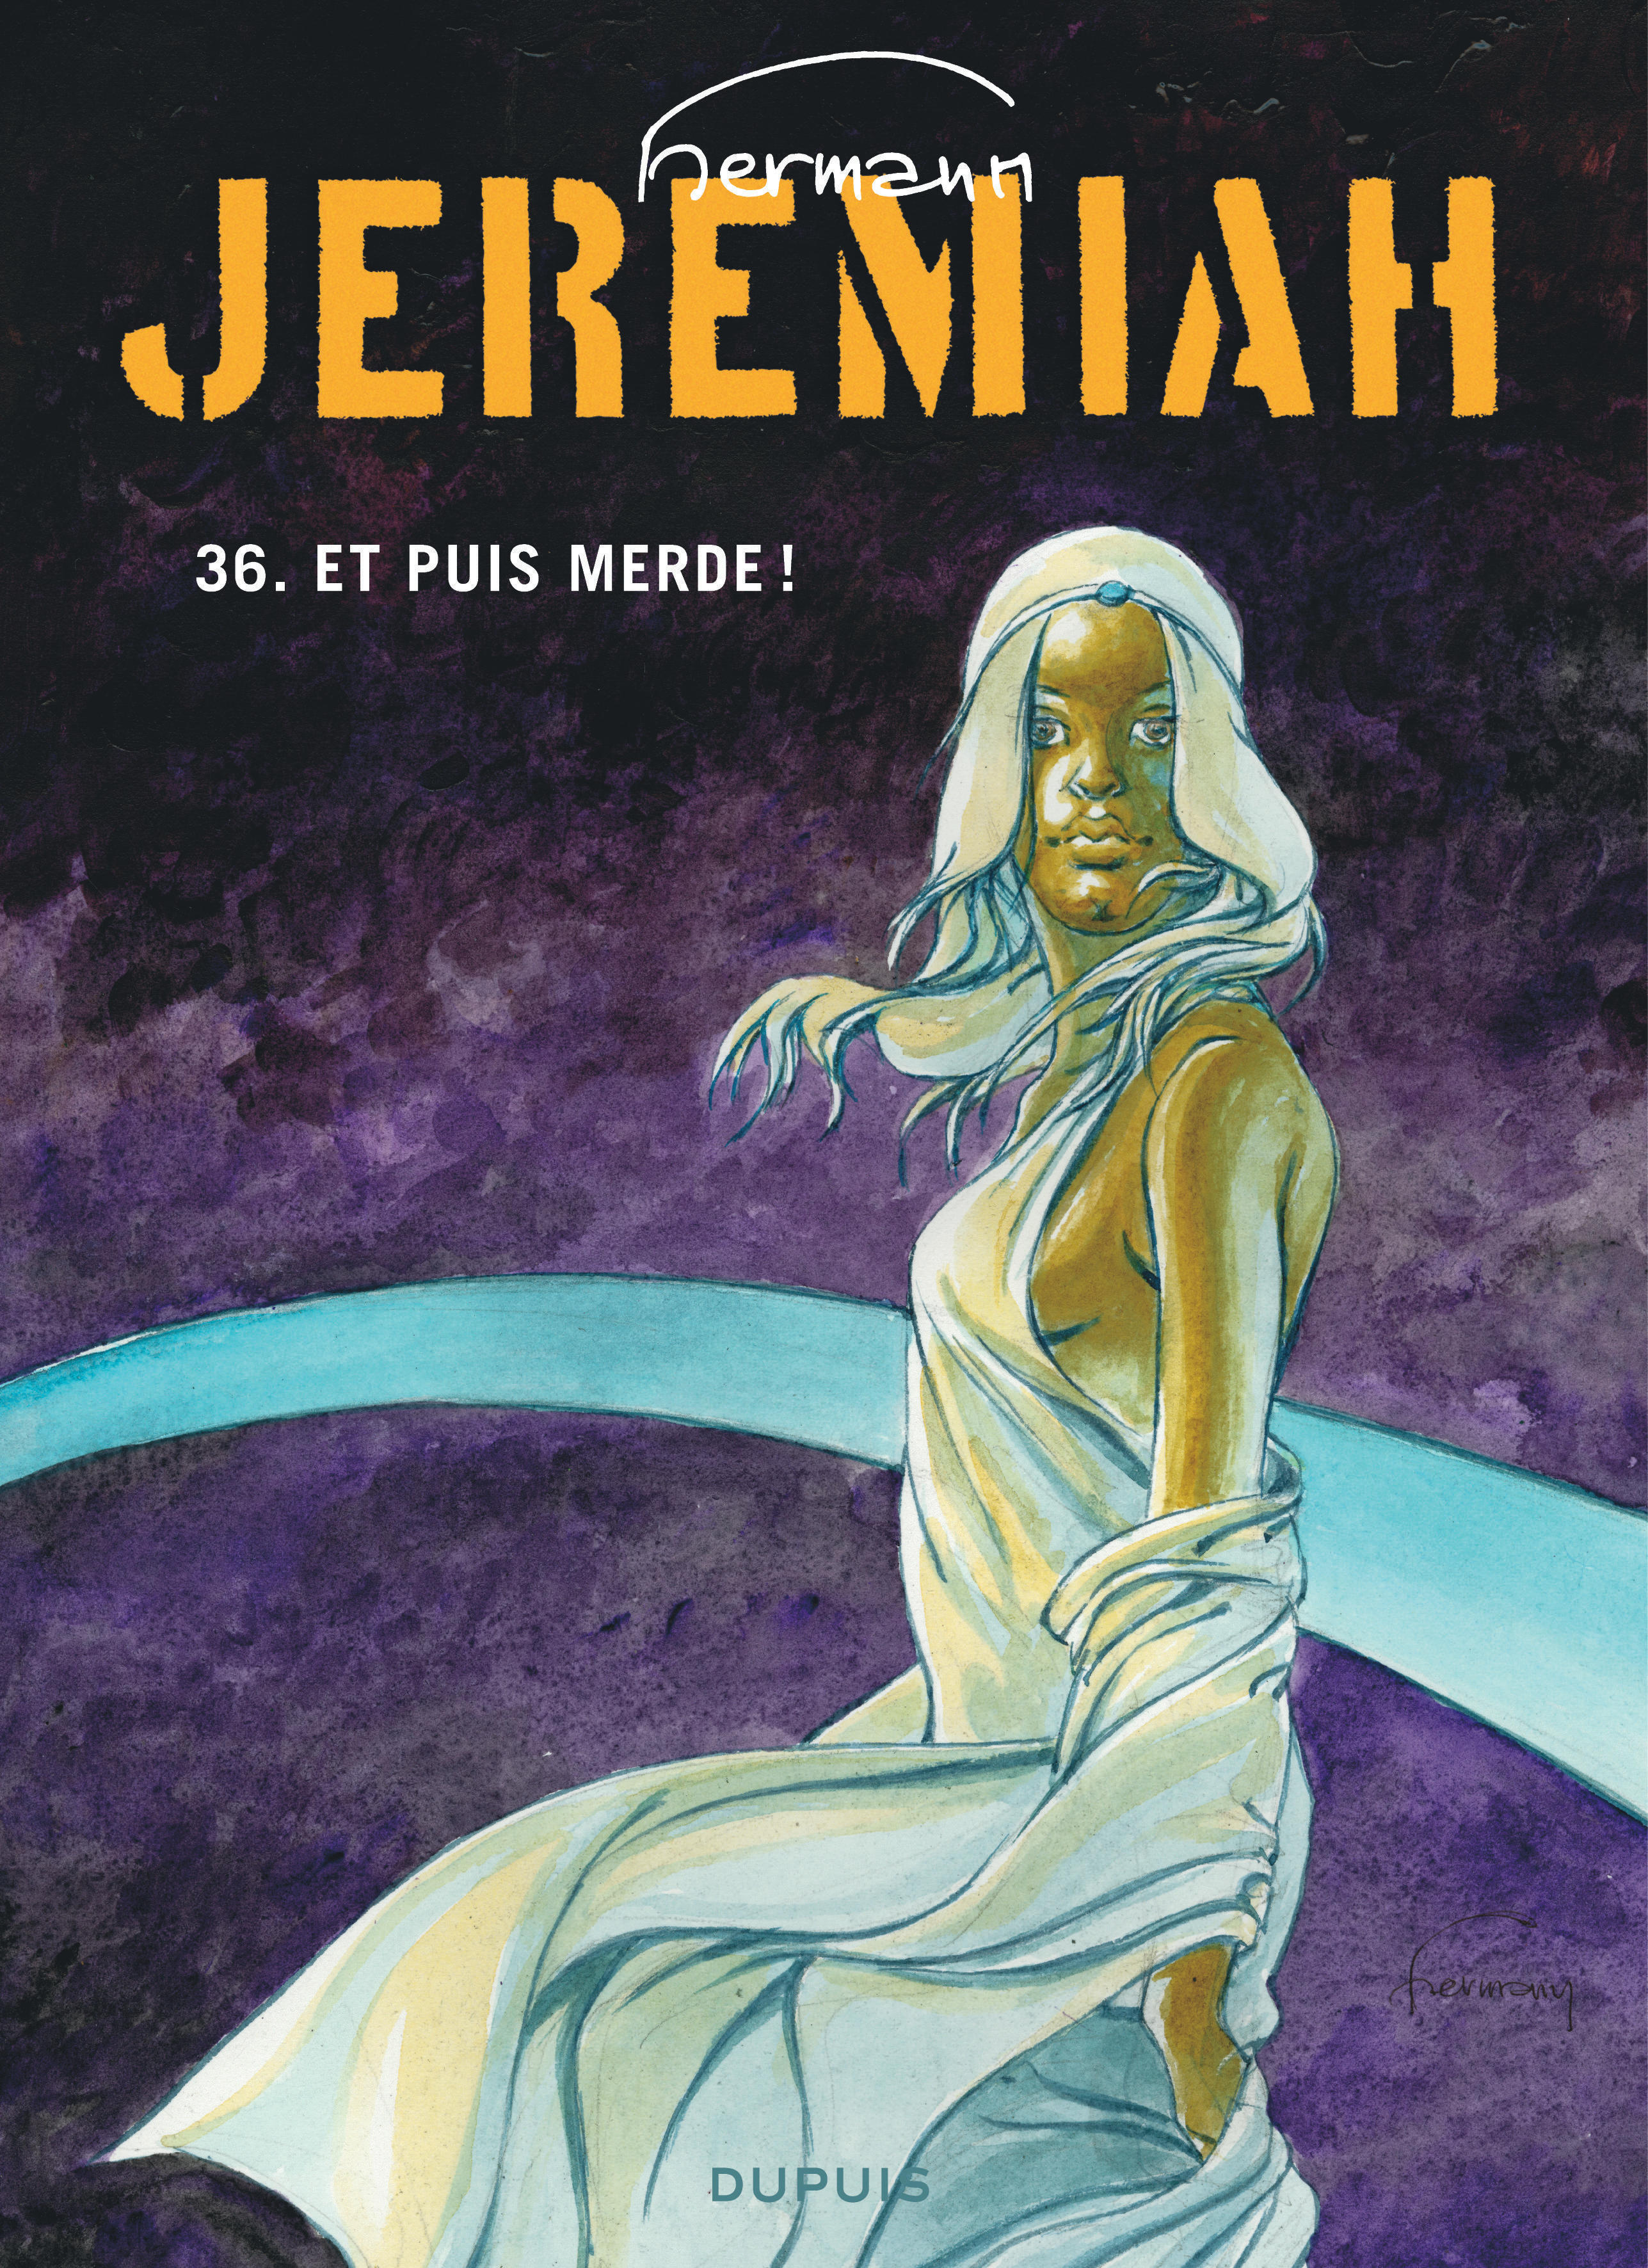 JEREMIAH - TOME 36 - ET PUIS MERDE - JEREMIAH (DUPUIS)